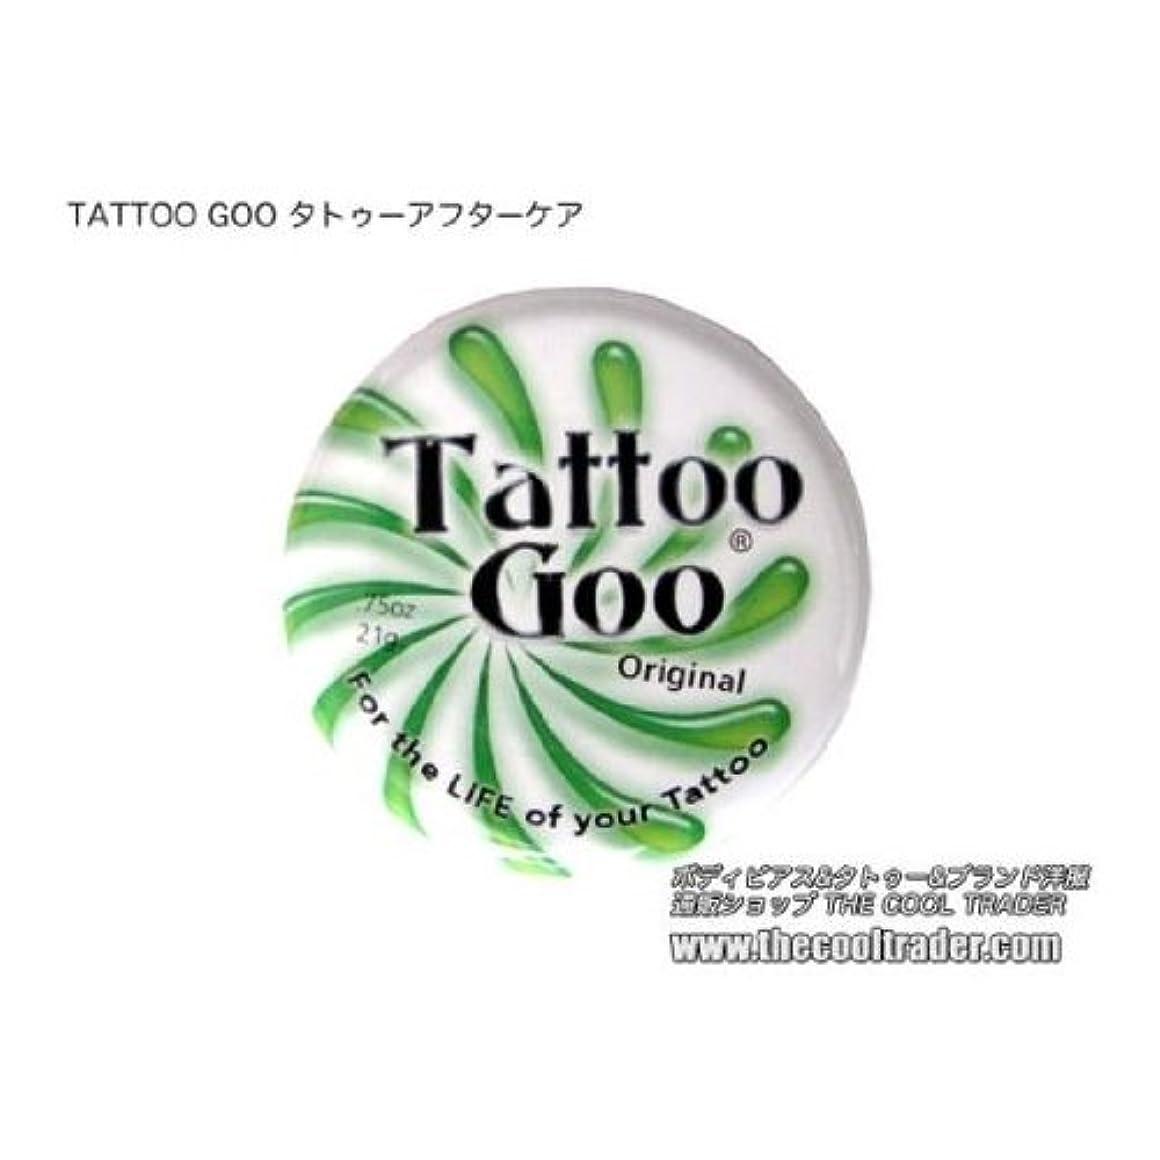 スキップ一目聞くTATTOO GOO タトゥー&ボディピアス専用アフターケア 軟膏クリーム オリジナル